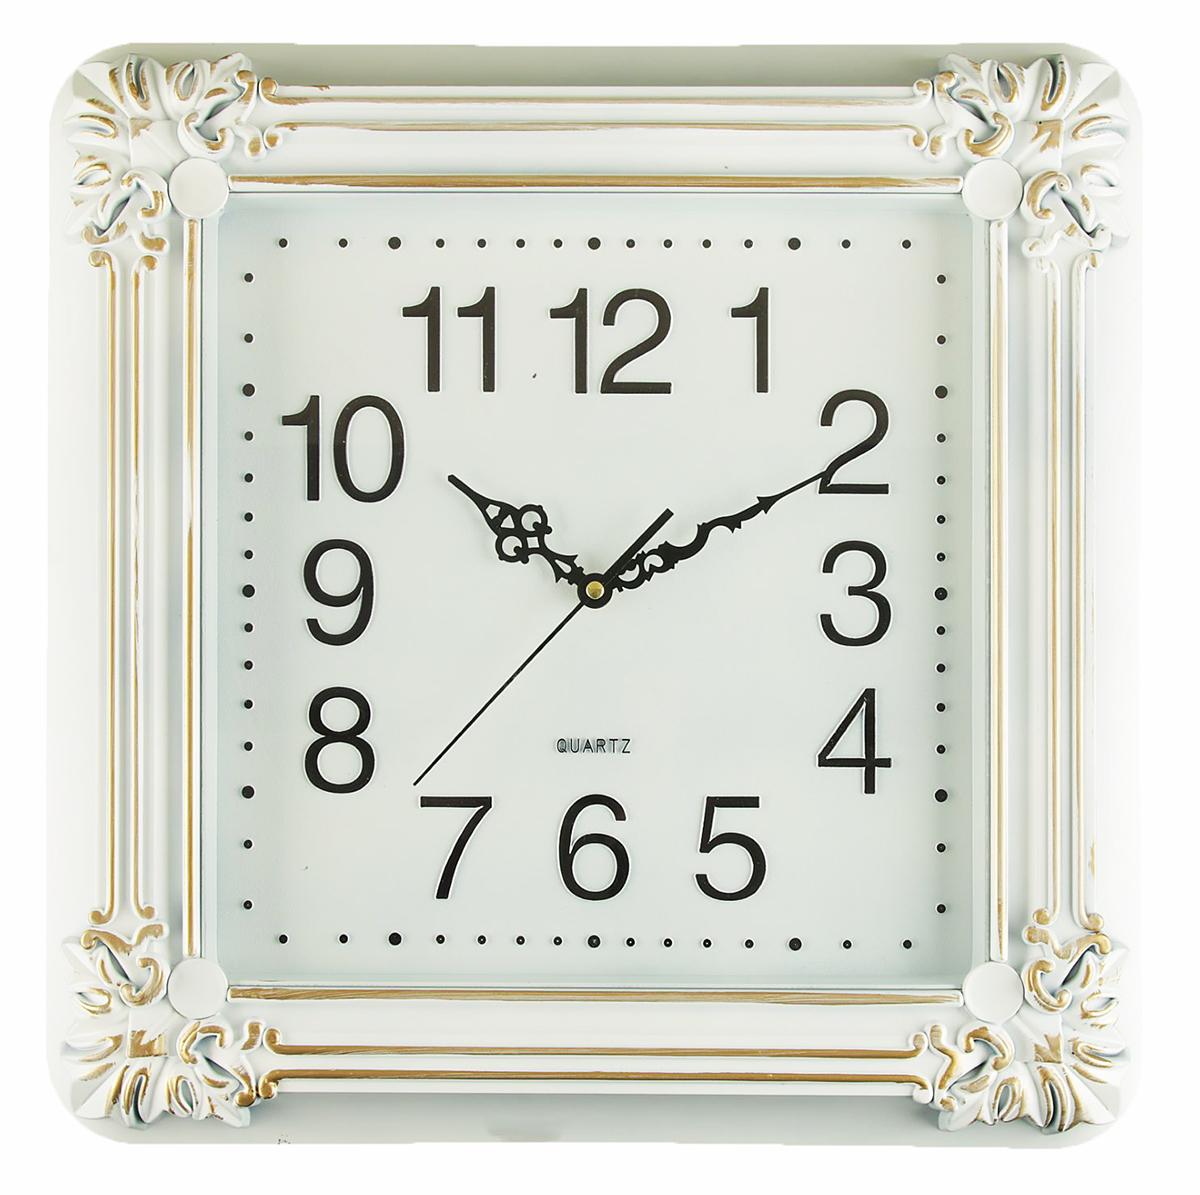 Часы настенные, 45 х 45 см хочу продать свою квартиру которая менее 3х лет и другую какие налоги надо заплатить